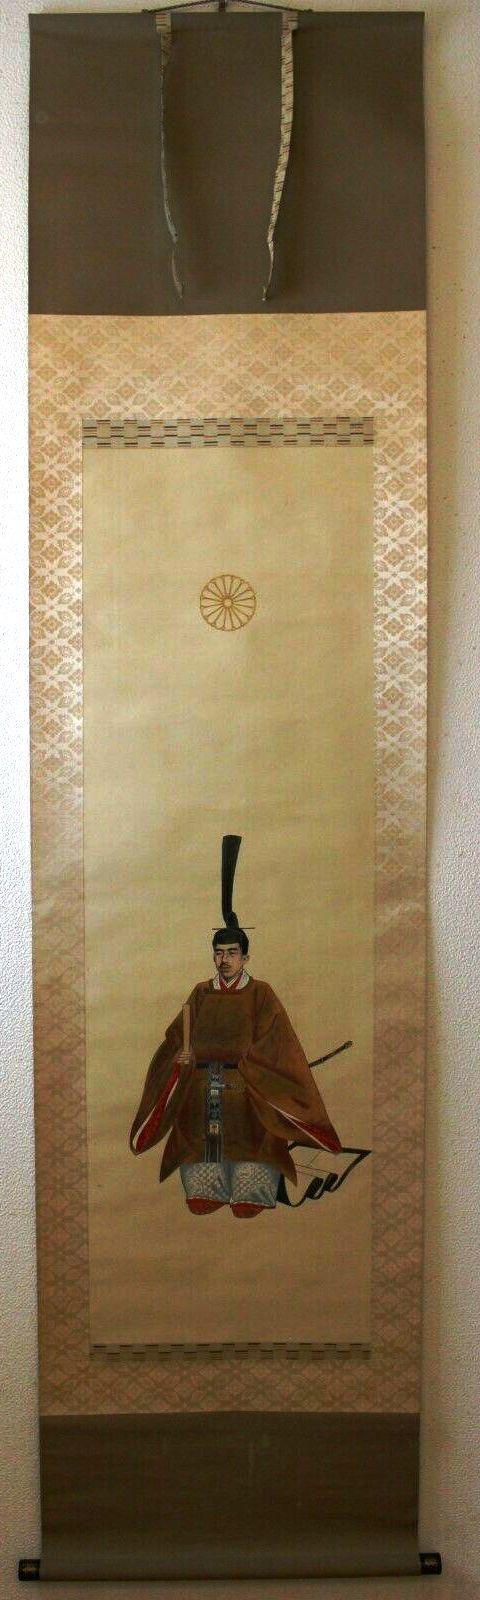 """L'art populaire """"Ôtsu-e"""" dans la représentation de l'emp. Taisho sur kakemono Showa_10"""